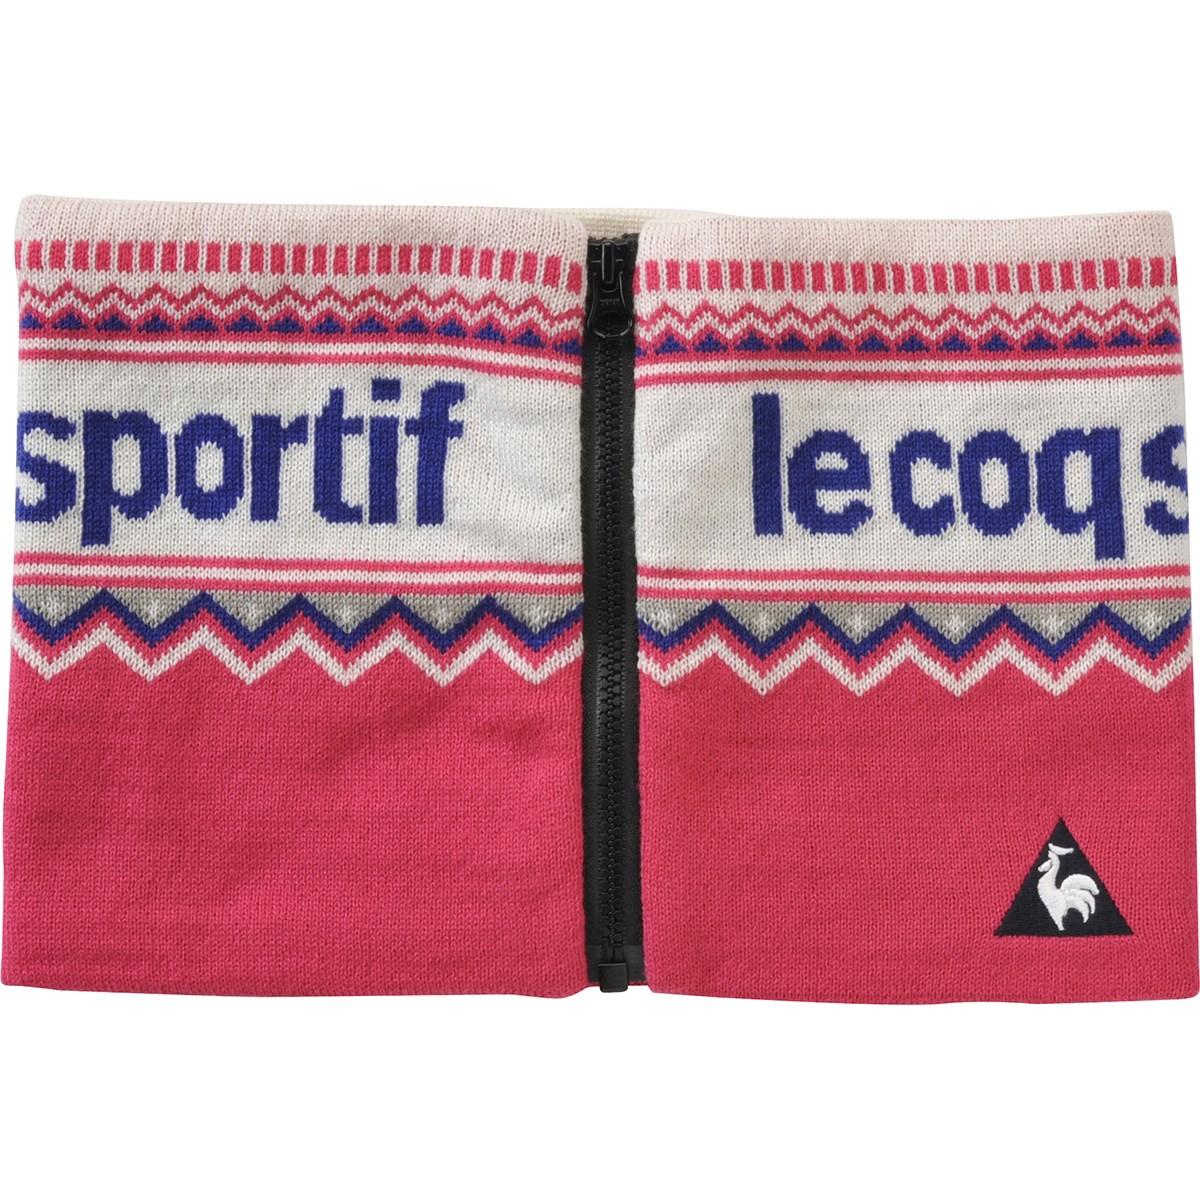 ルコックゴルフ Le coq sportif GOLF ネックウォーマー ピンク 00 フリー レディス